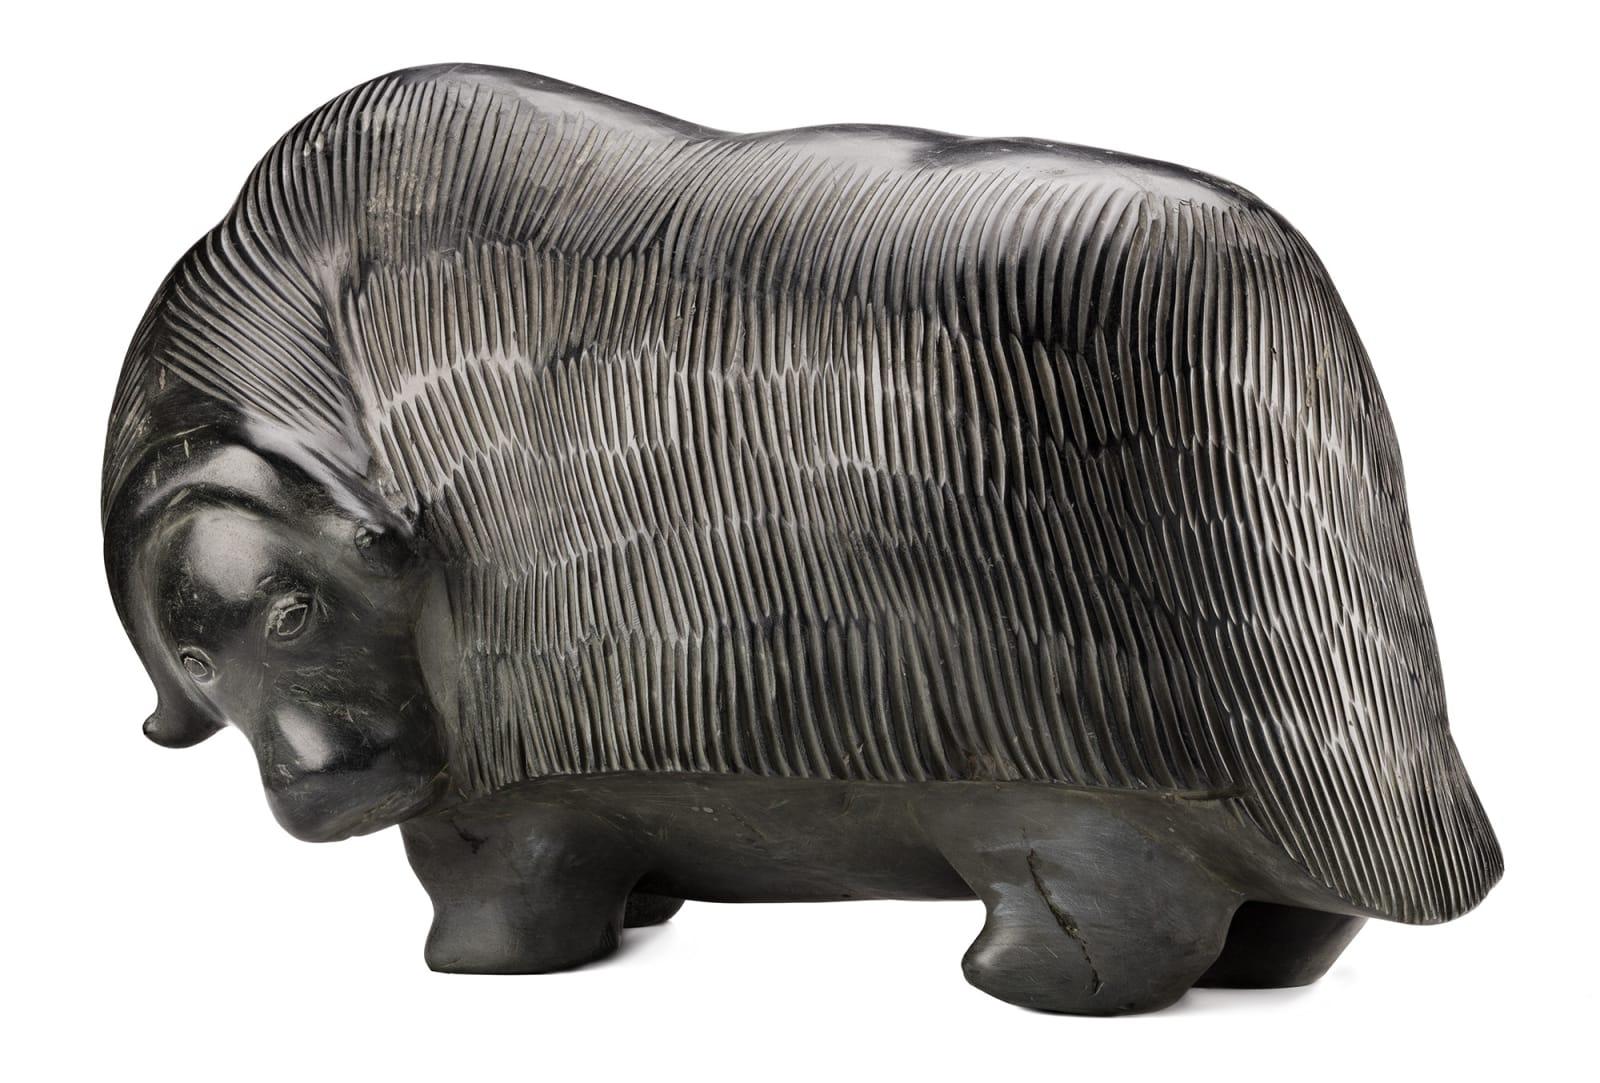 Lot 37 BARNABUS ARNASUNGAAQ (1924-2017) QAMANI'TUAQ (BAKER LAKE) Muskox, 1973 stone, 14.75 x 25 x 13.5 in (37.5 x 63.5 x 34.3 cm) Estimate: $60,000 — $80,000